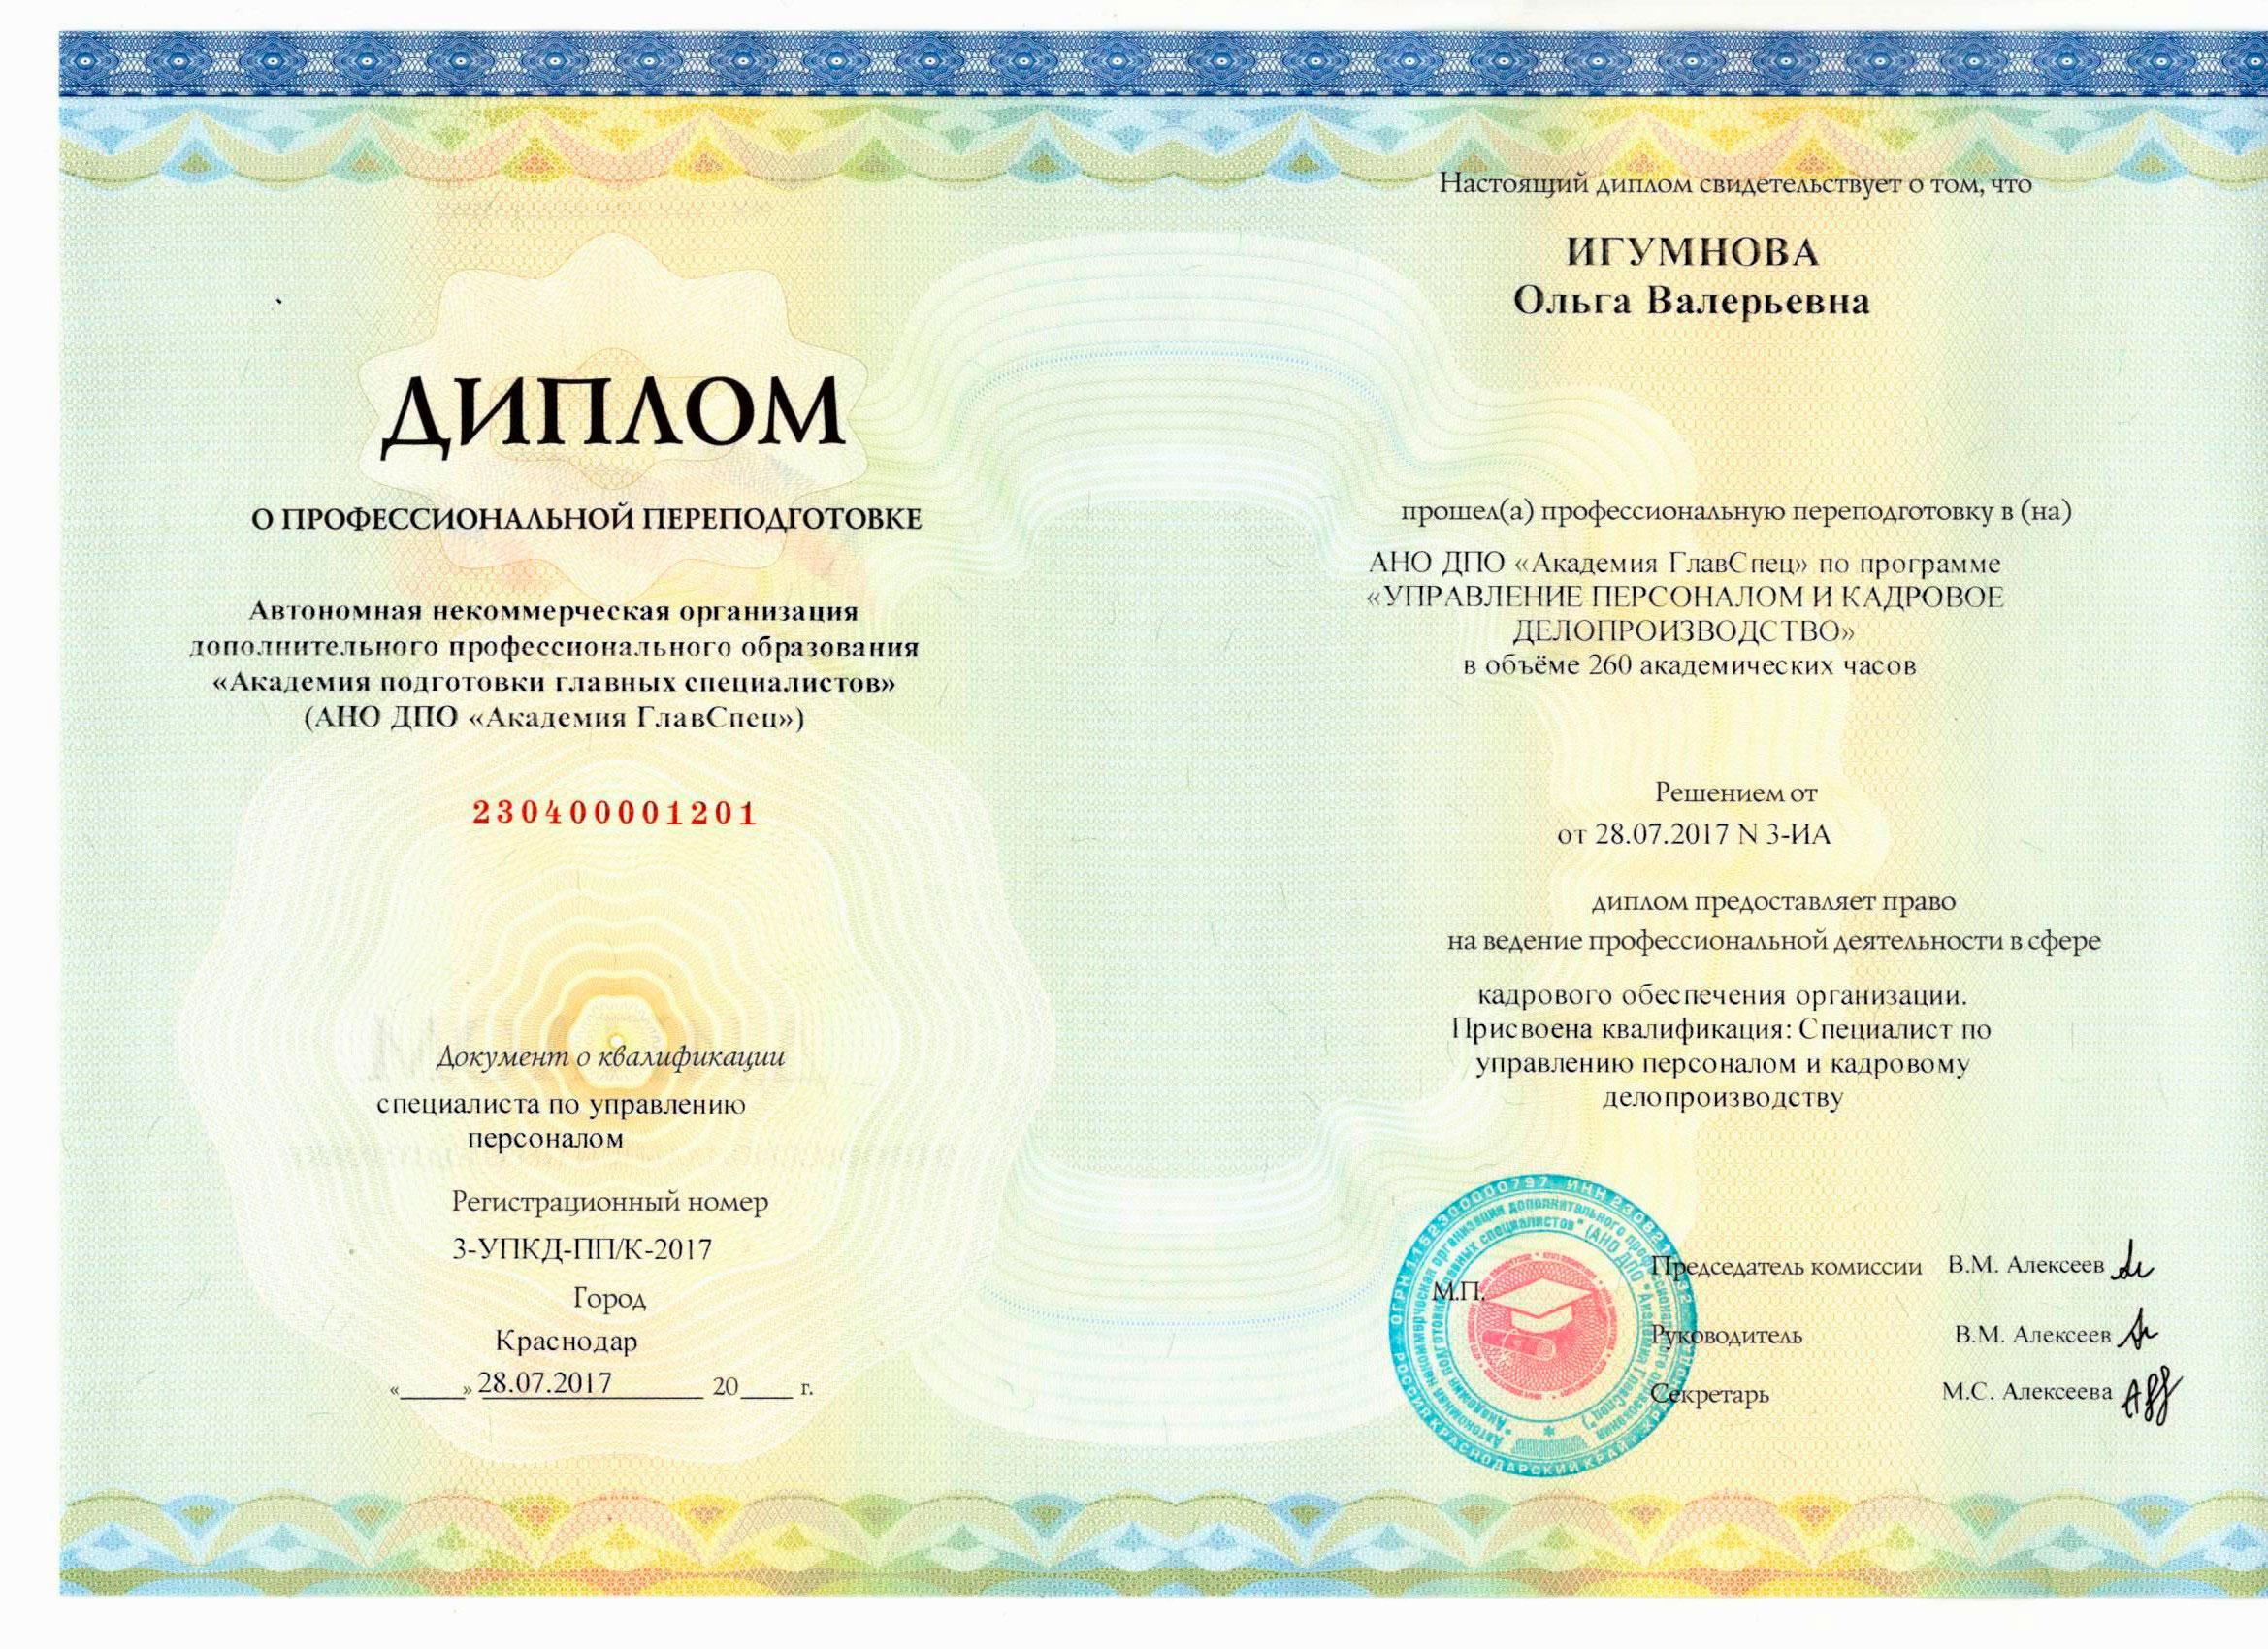 Управление персоналом и кадровое делопроизводство Академия  Образцы дипломов и удостоверений